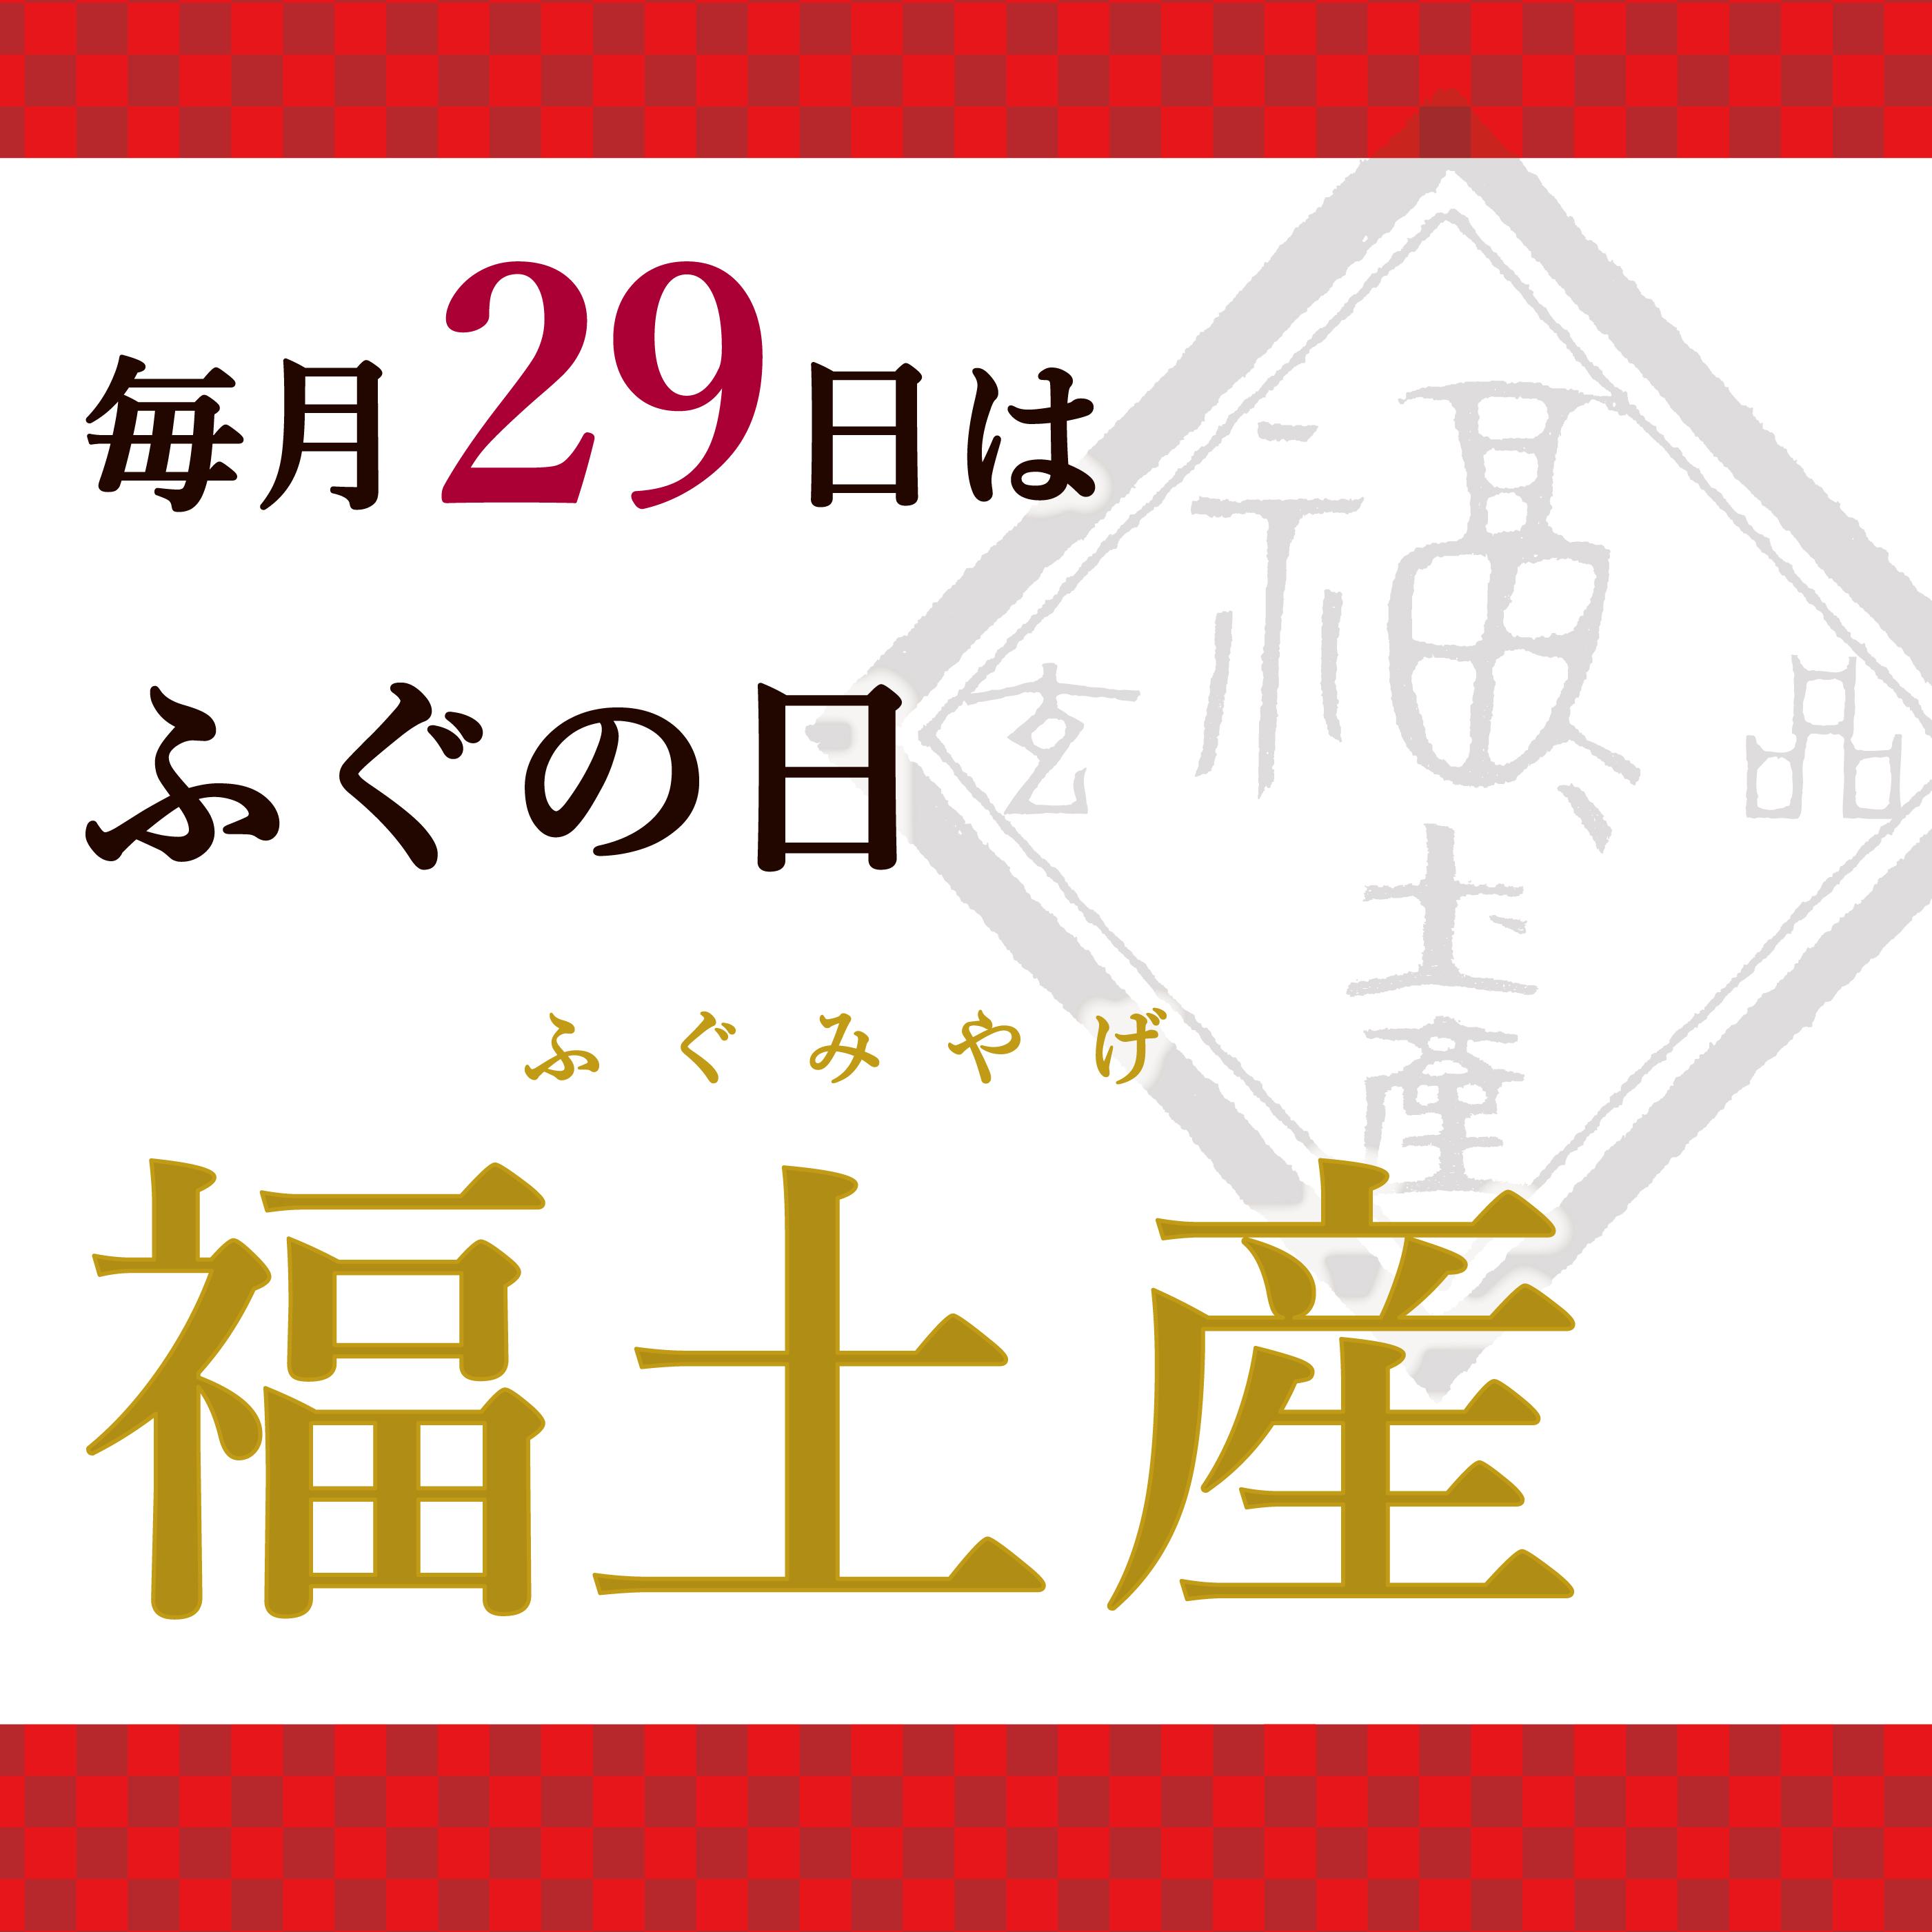 毎月29日はふぐの日<br>福土産(ふぐみやげ)<span>この日だけのとっておき<br>お土産をプレゼント</span><ul><li>キャンペーン</li></ul>